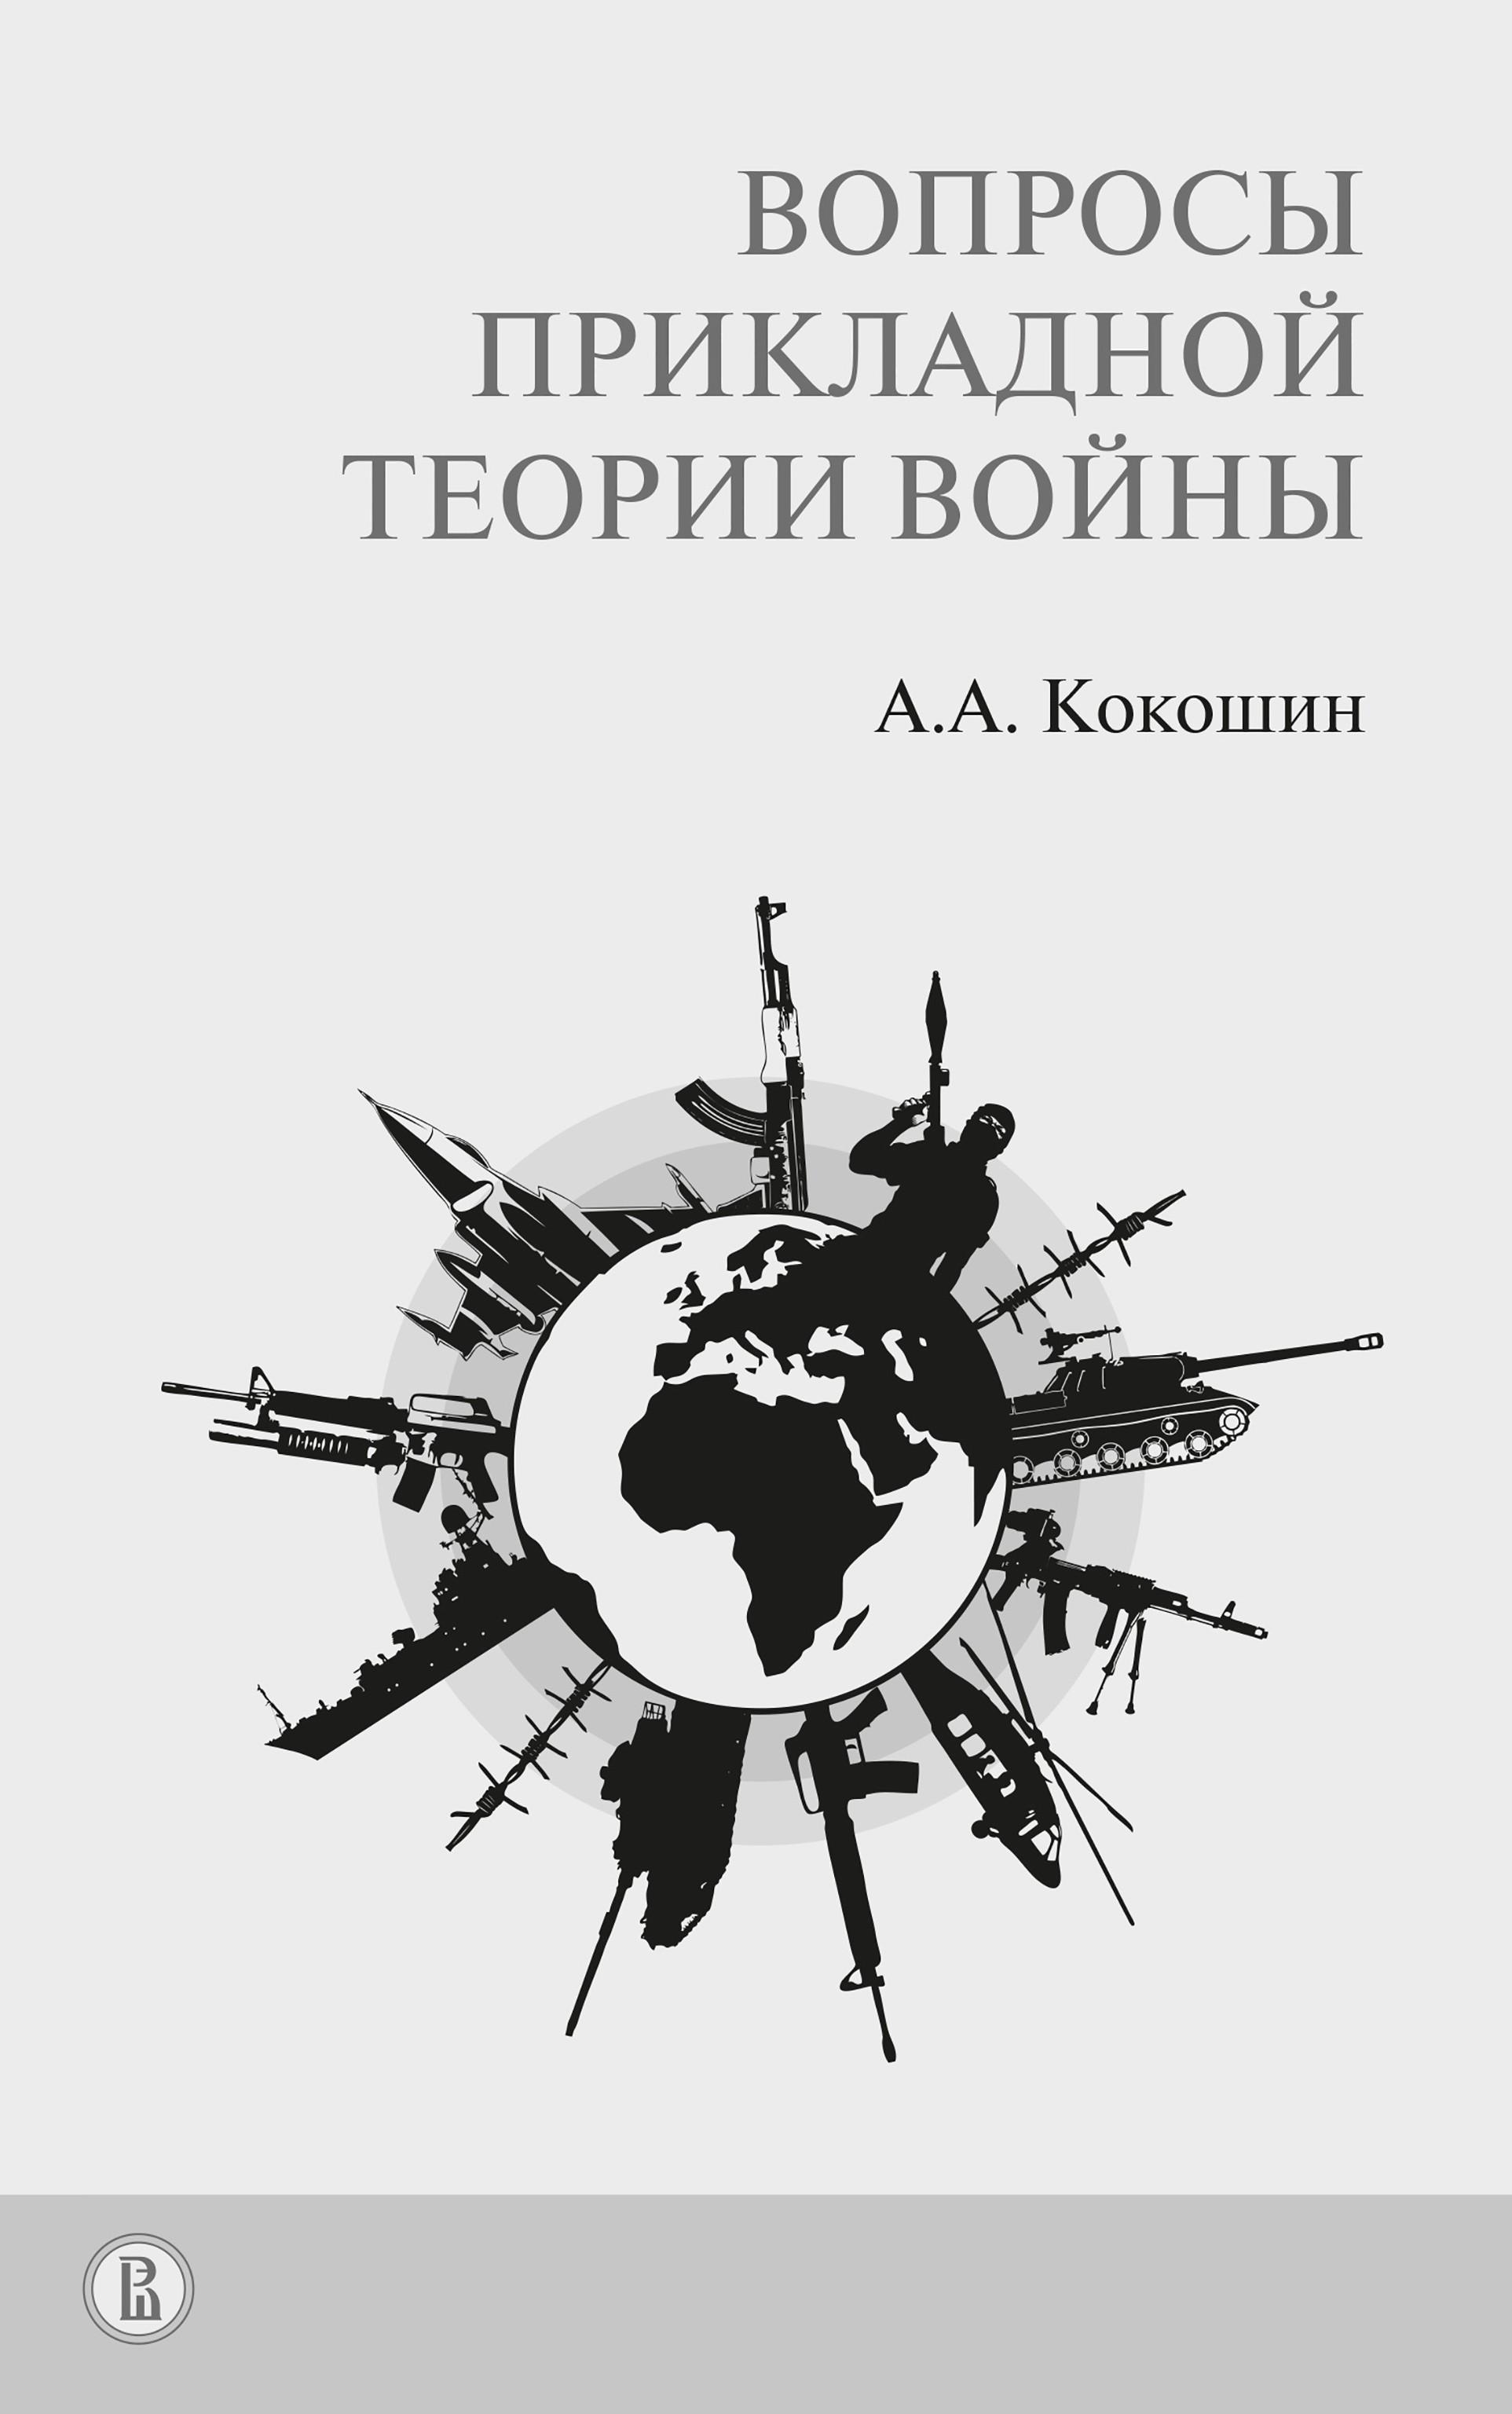 А. А. Кокошин Вопросы прикладной теории войны simply sinatra manchester